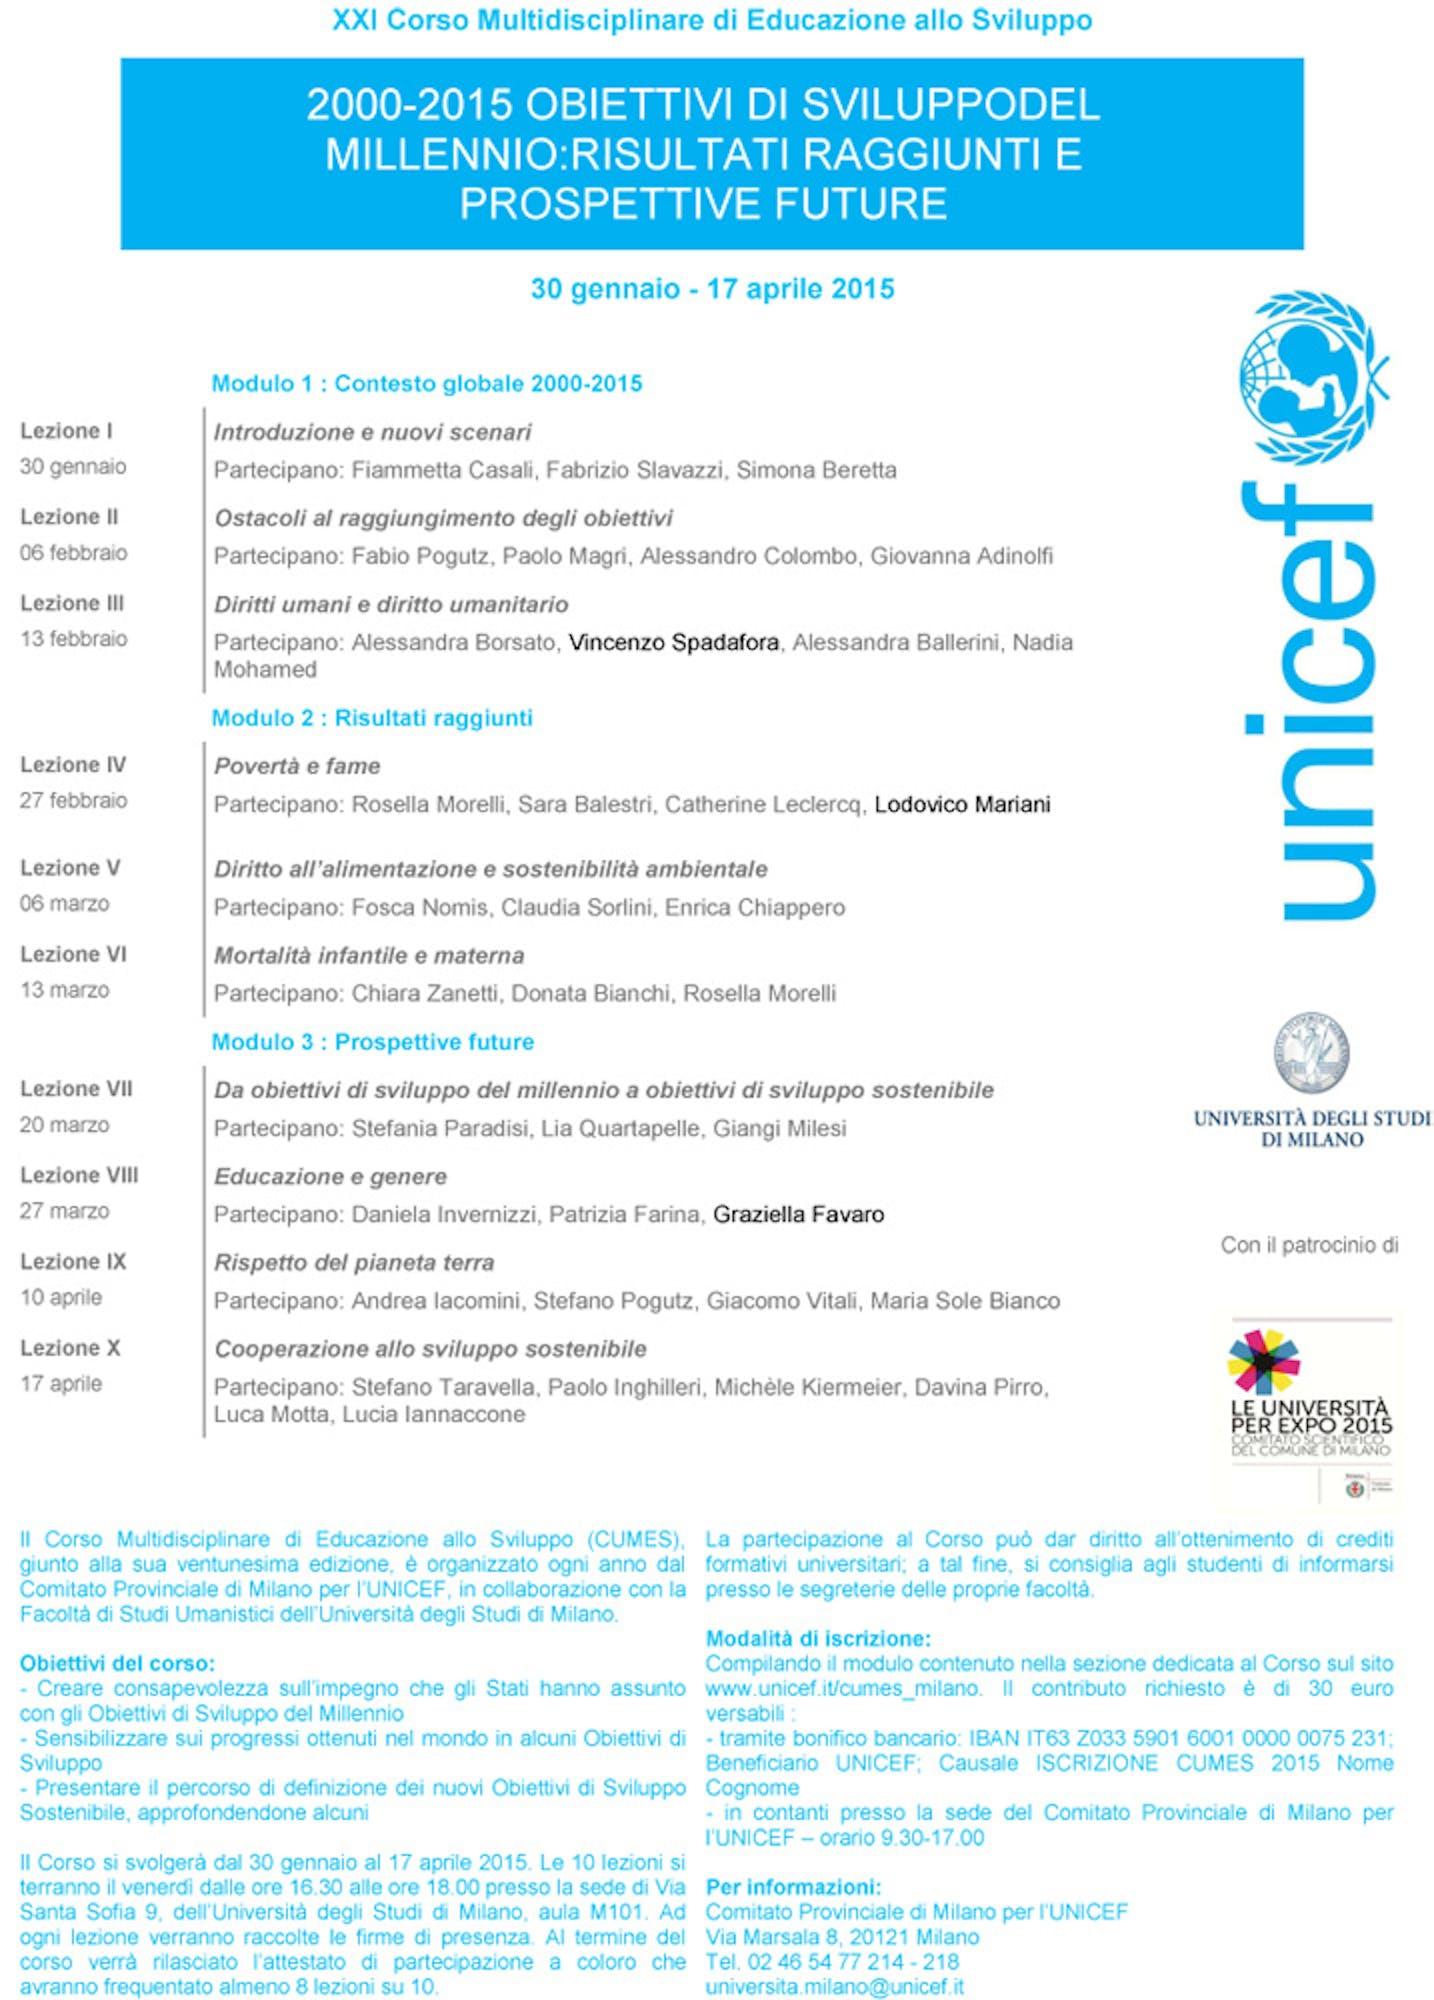 Al via il Corso Multidisciplinare UNICEF 2015 all'Università di Milano